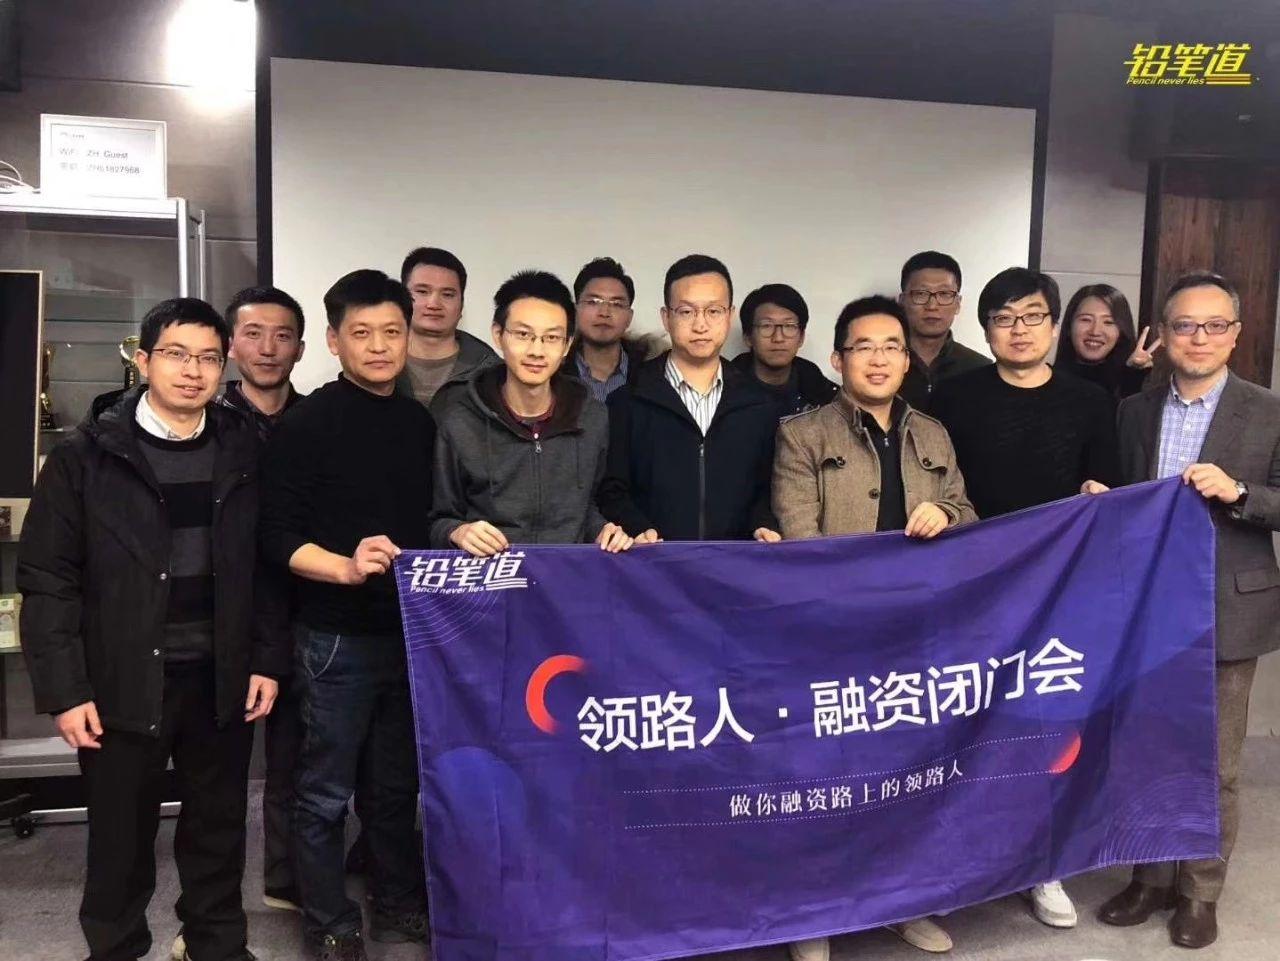 领路人融资闭门会第2期,递名片创始人宋敏杰与童豆小镇创始人臧小磊各自分享了融资心得。